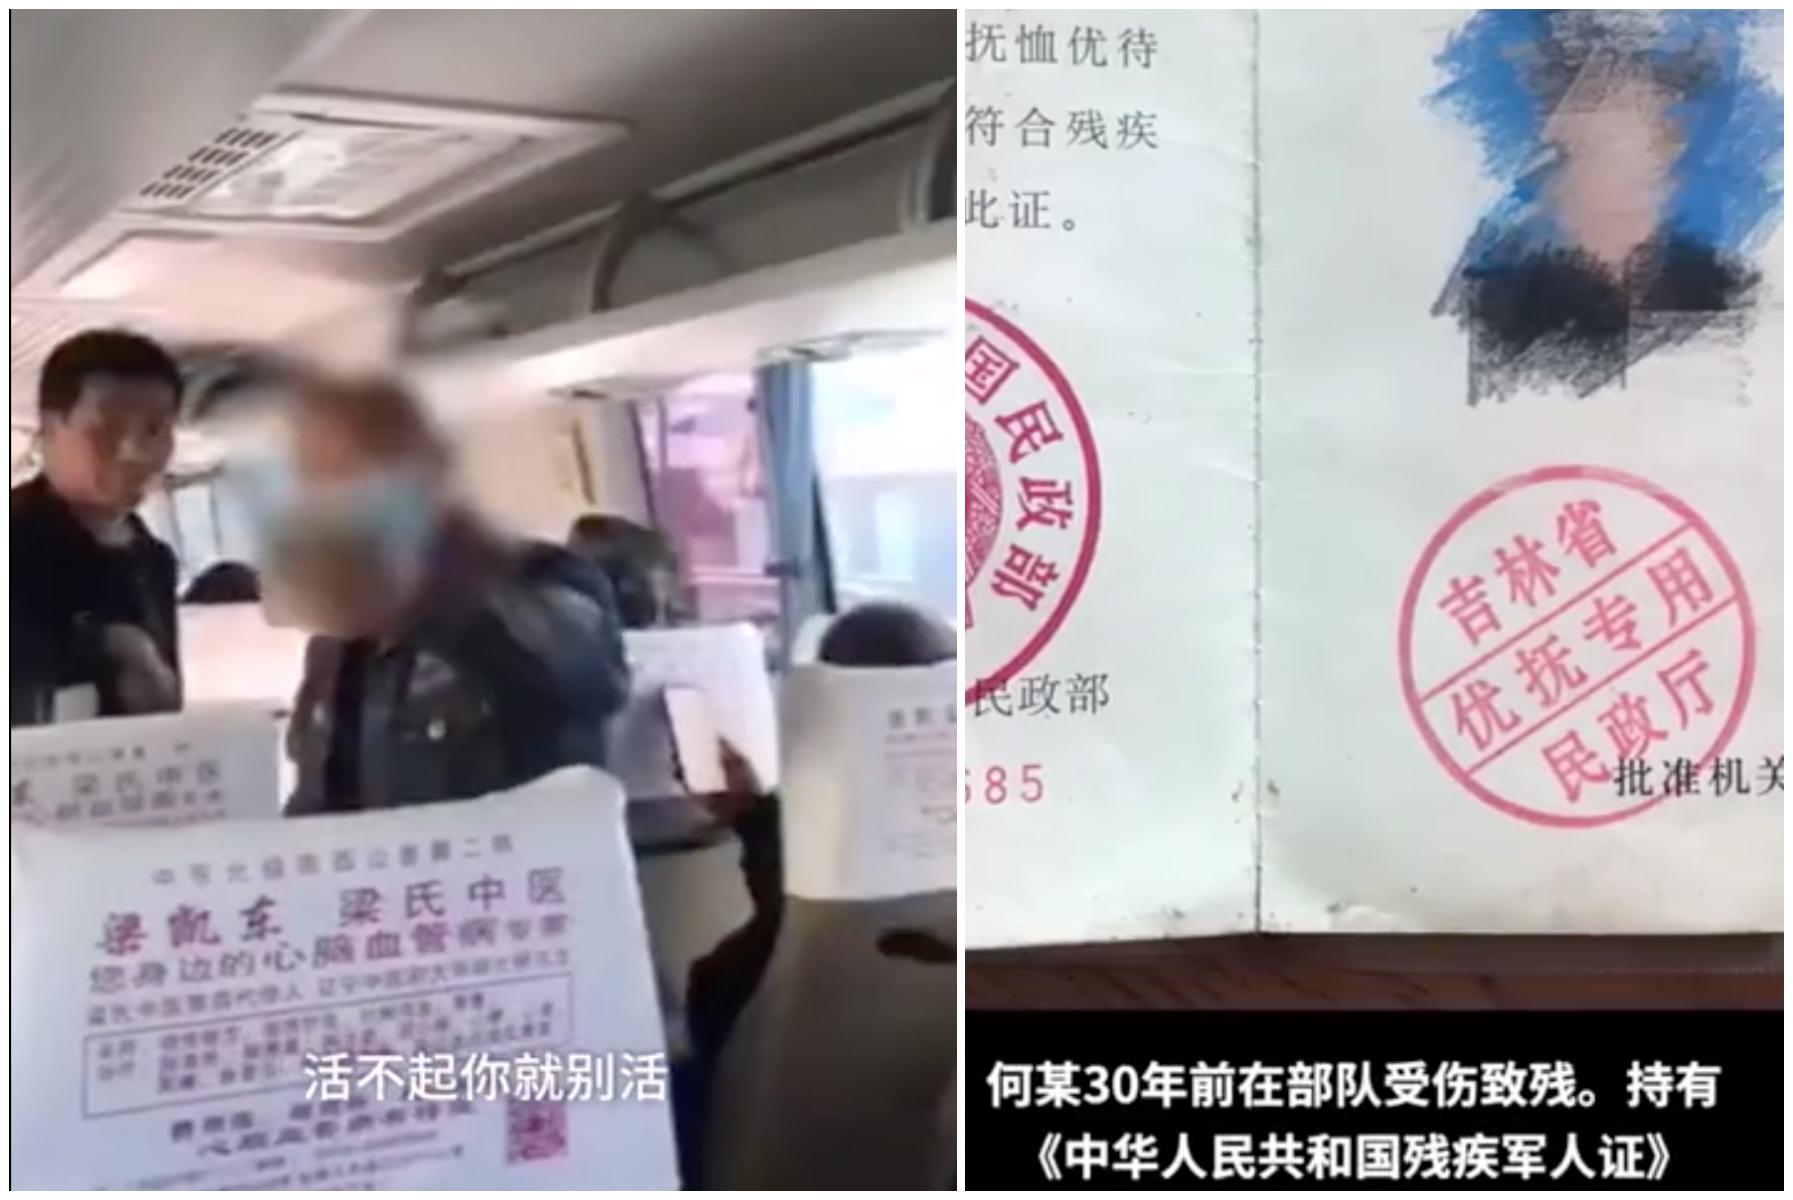 吉林省一大巴售票員拒絕按規定給一名退役軍人的車票打折,期間還以言語相譏。(影片截圖)